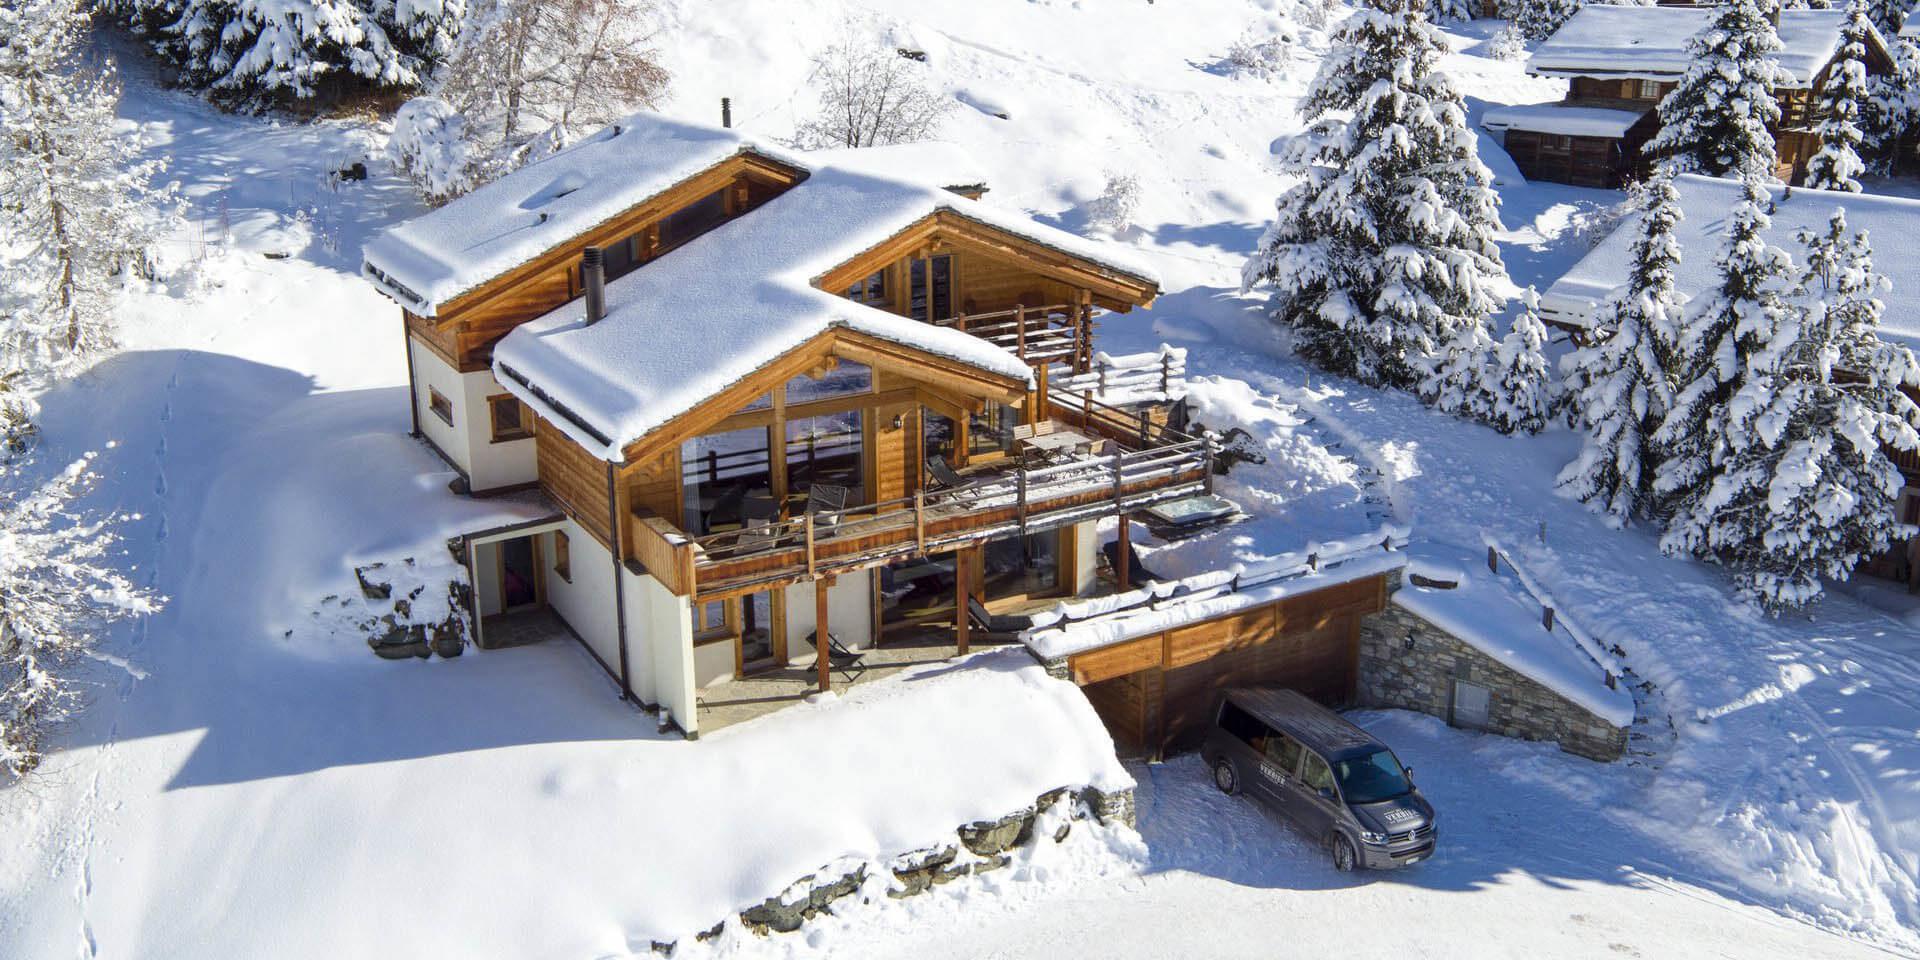 Chalet Rock Verbier Les 4 Vallees Zwitserland wintersport skivakantie luxe chalet garage balkons terras sneeuw besneeuwde bomen